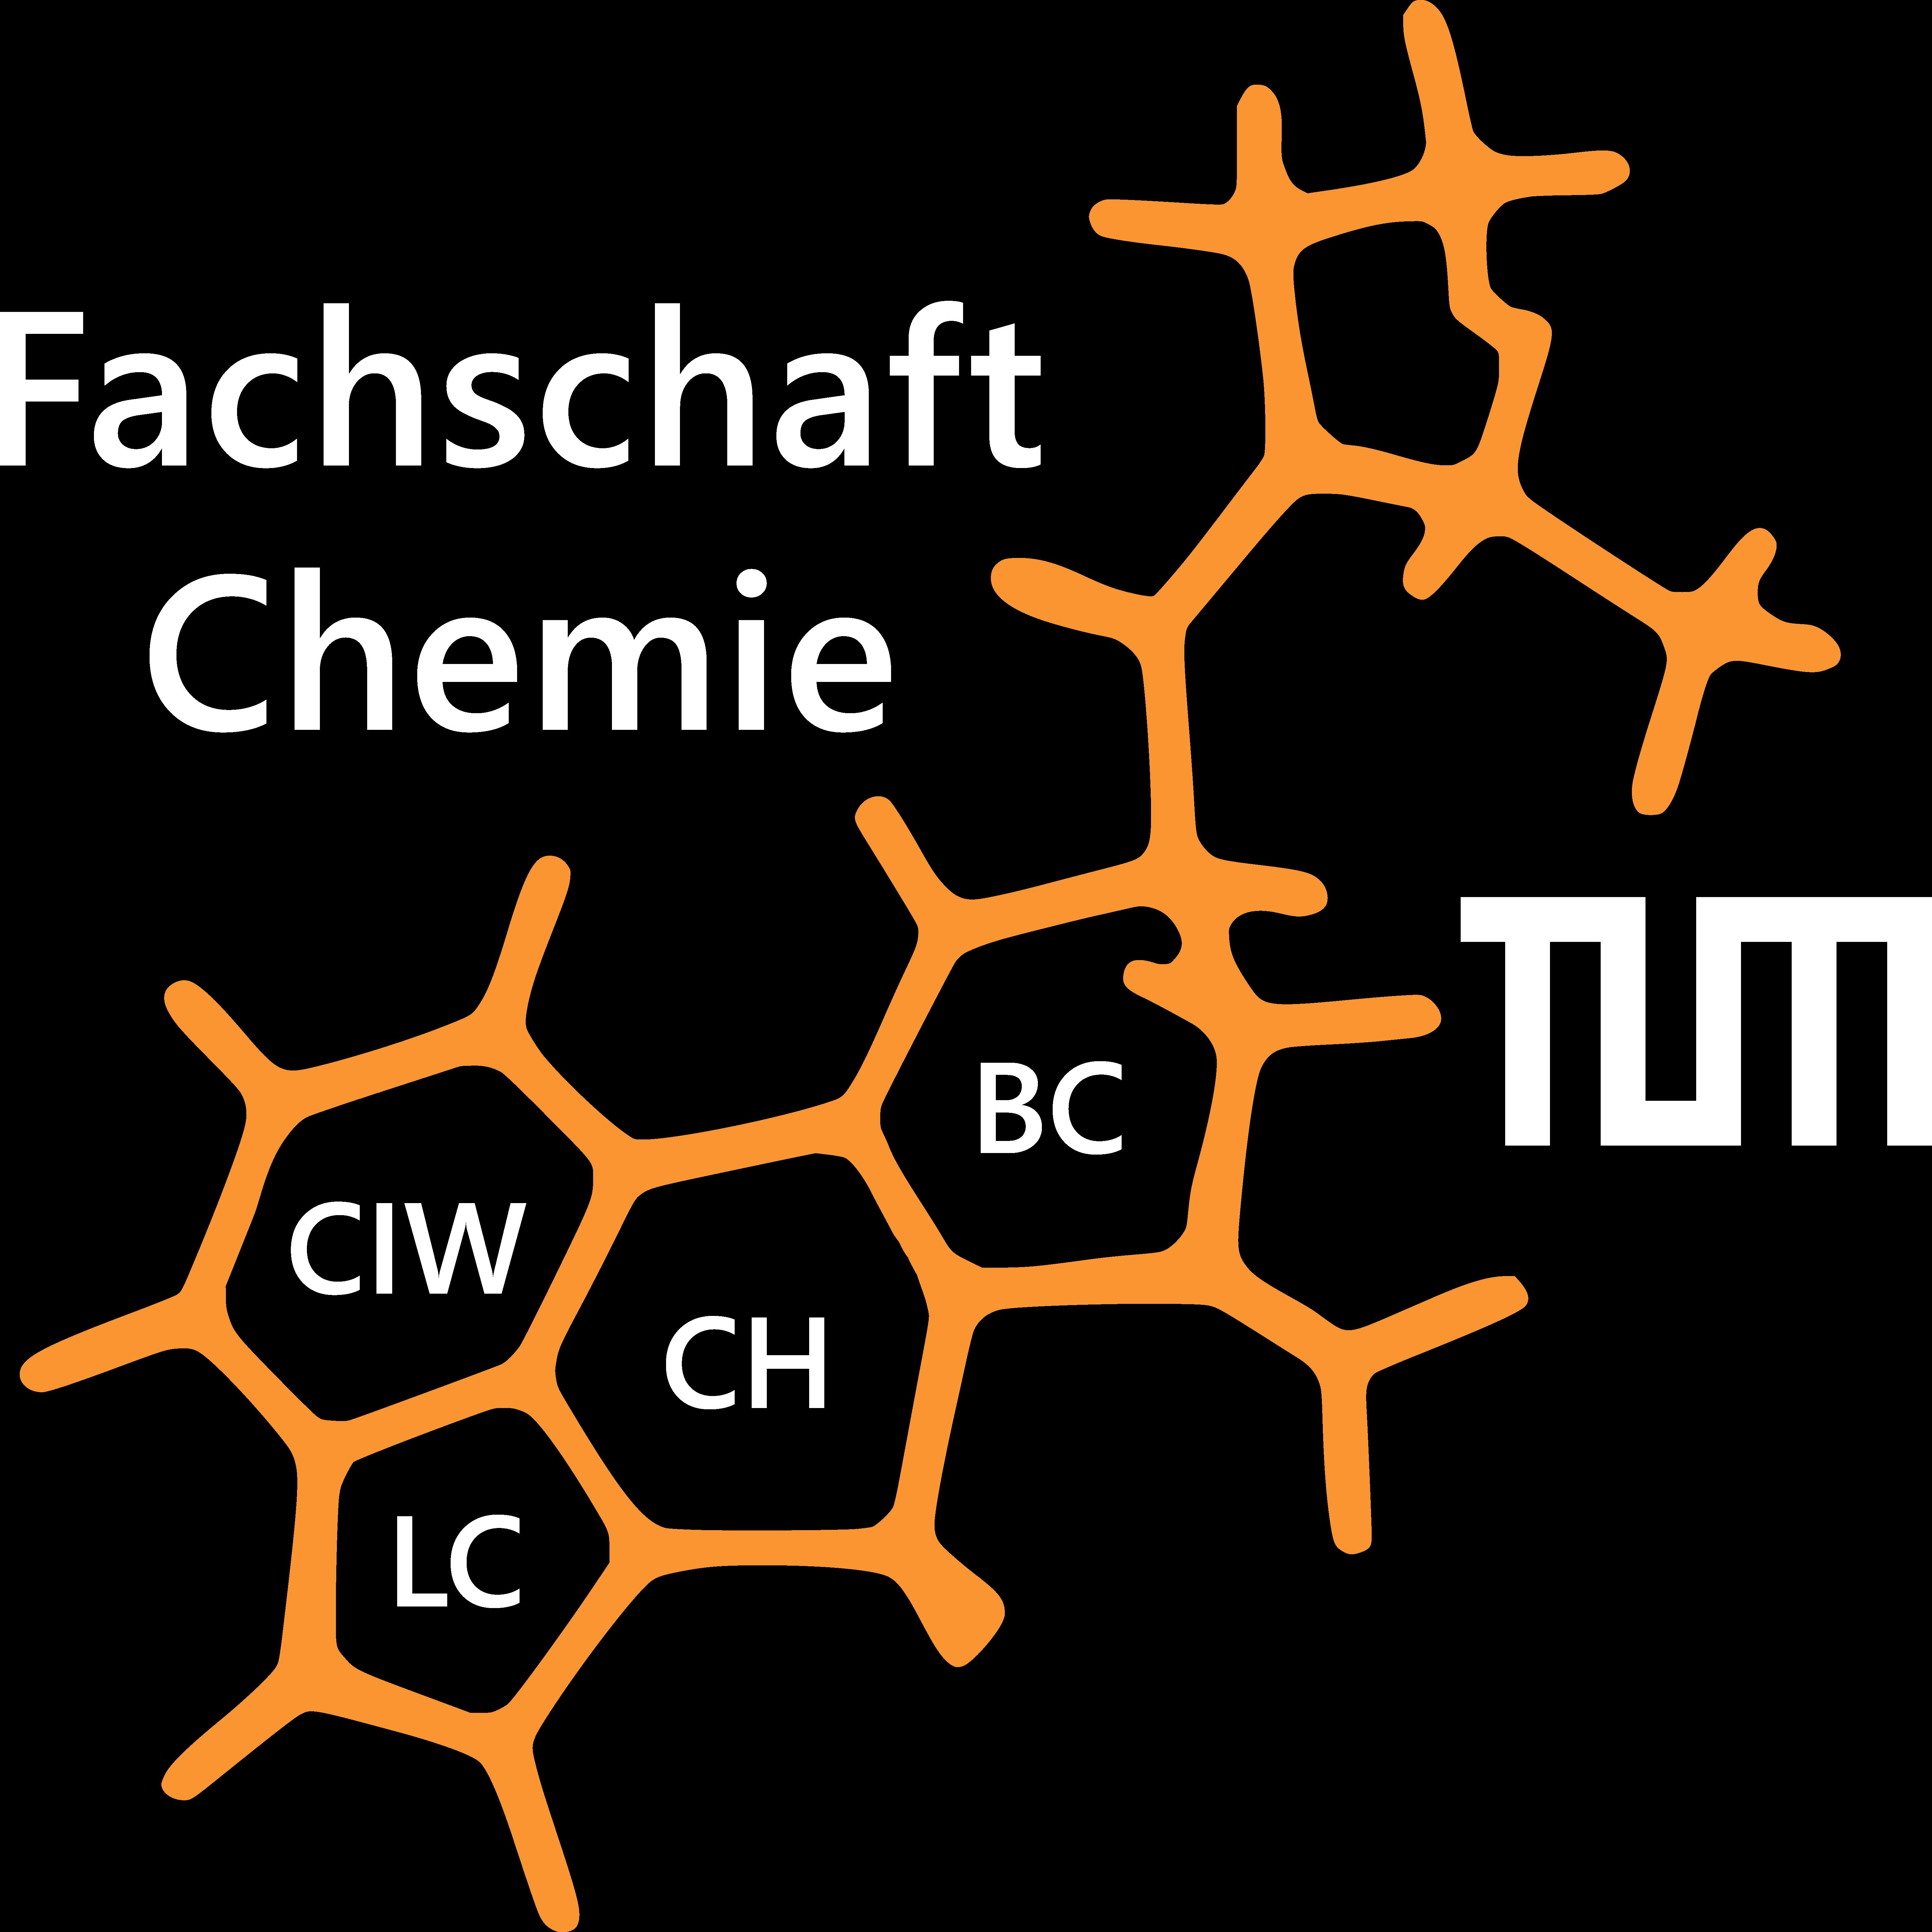 Fachschaft Chemie der TU München